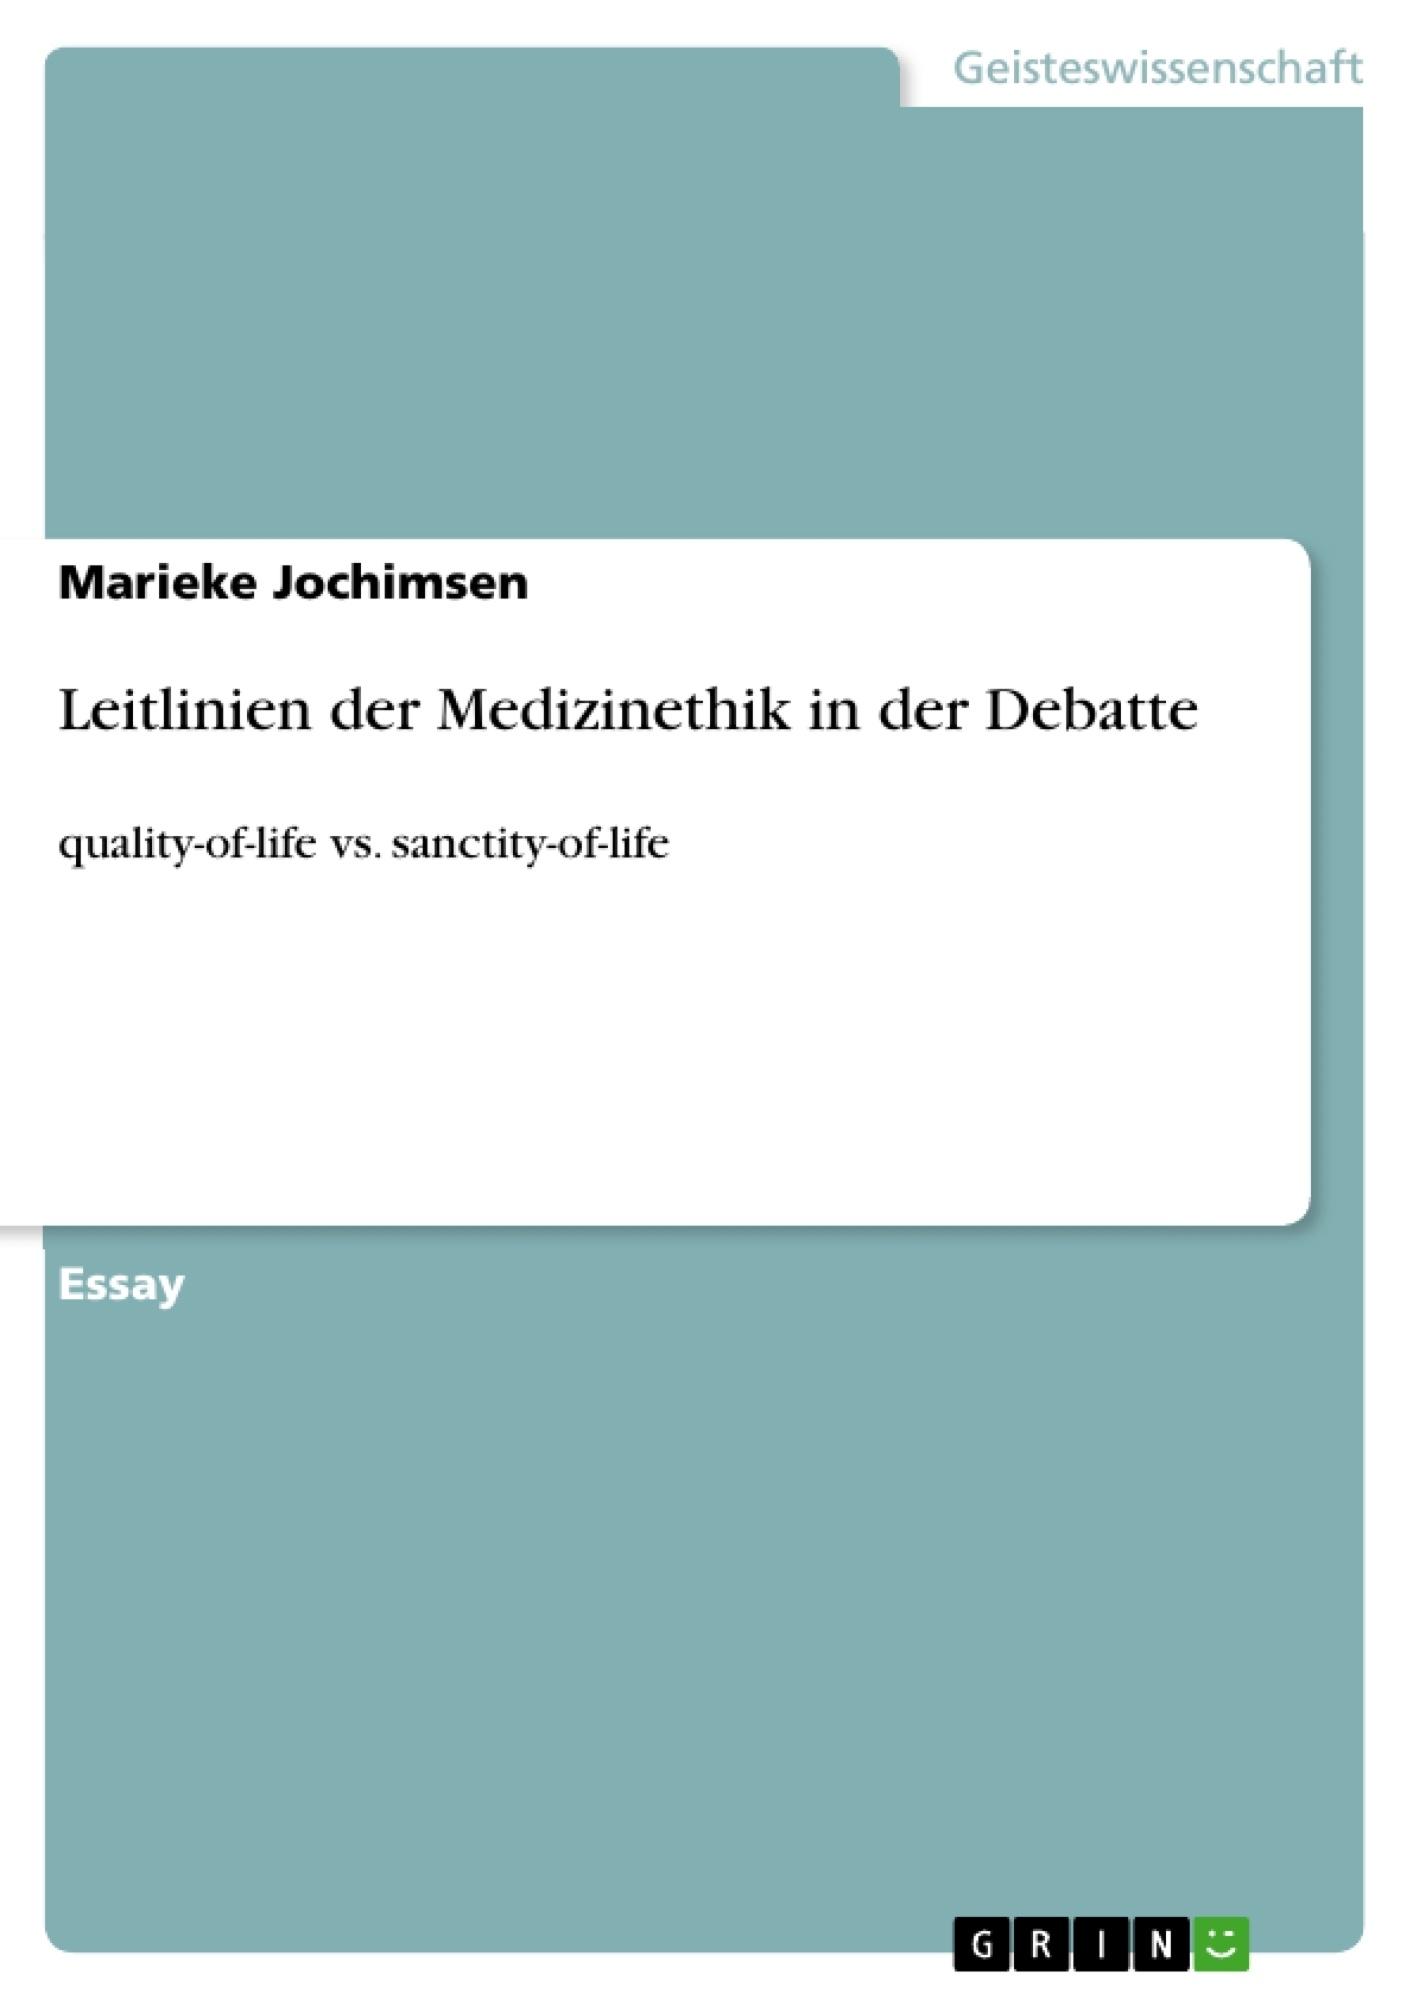 Titel: Leitlinien der Medizinethik in der Debatte